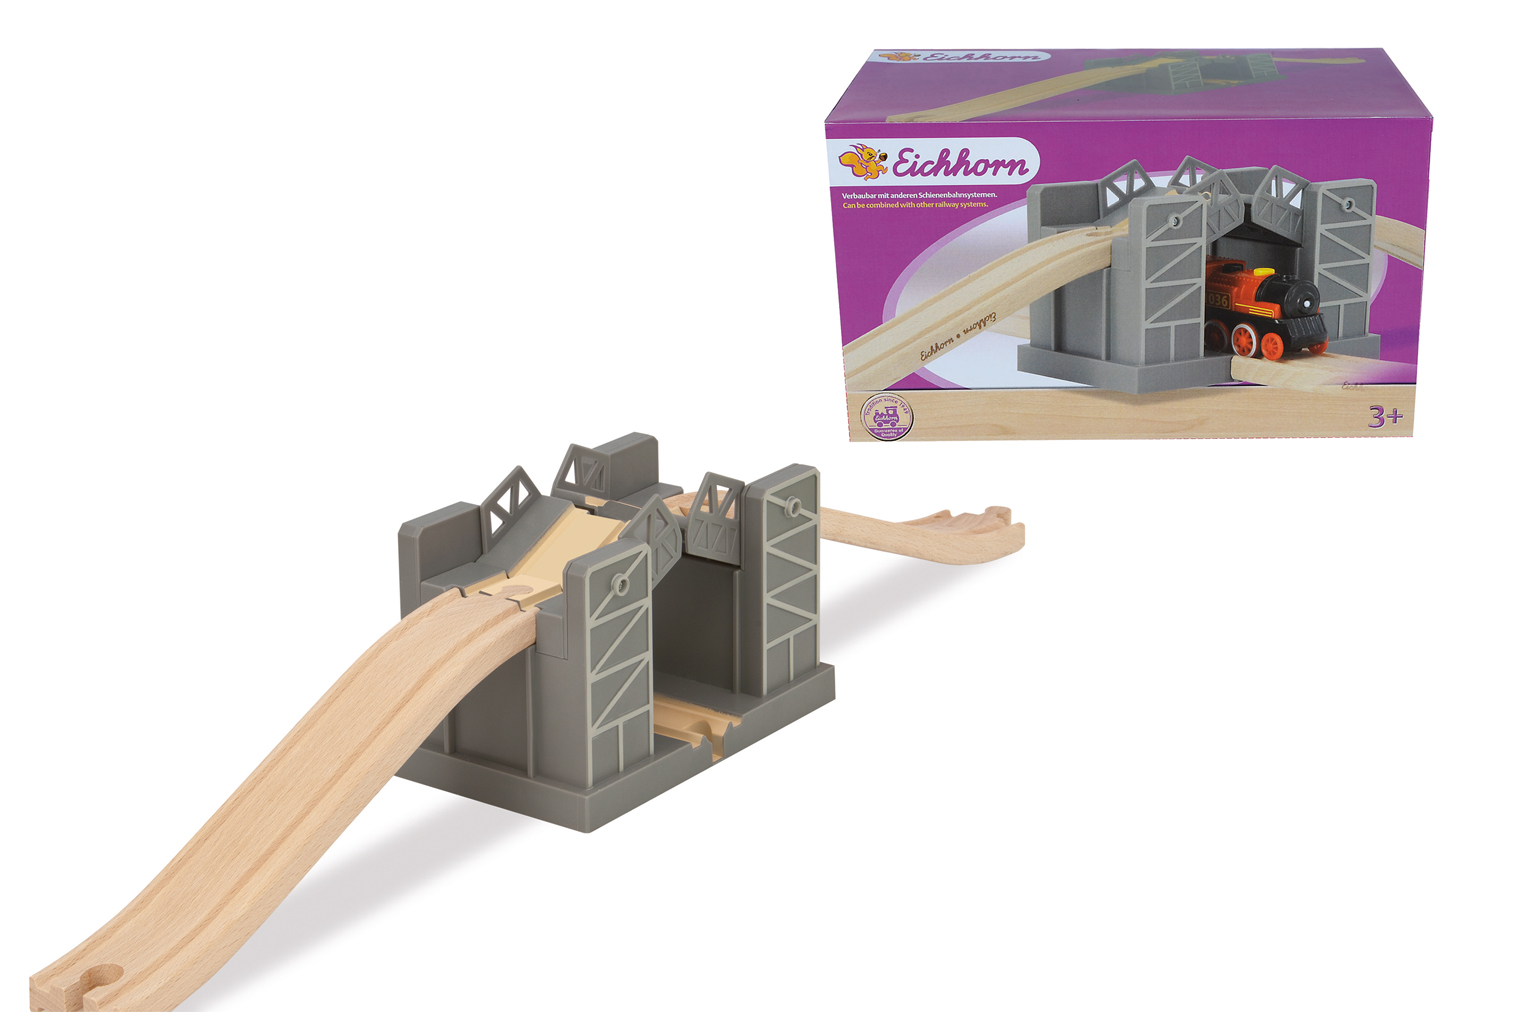 Игровой набор - Поднимающийся мостЖелезная дорога для малышей<br>Игровой набор - Поднимающийся мост<br>